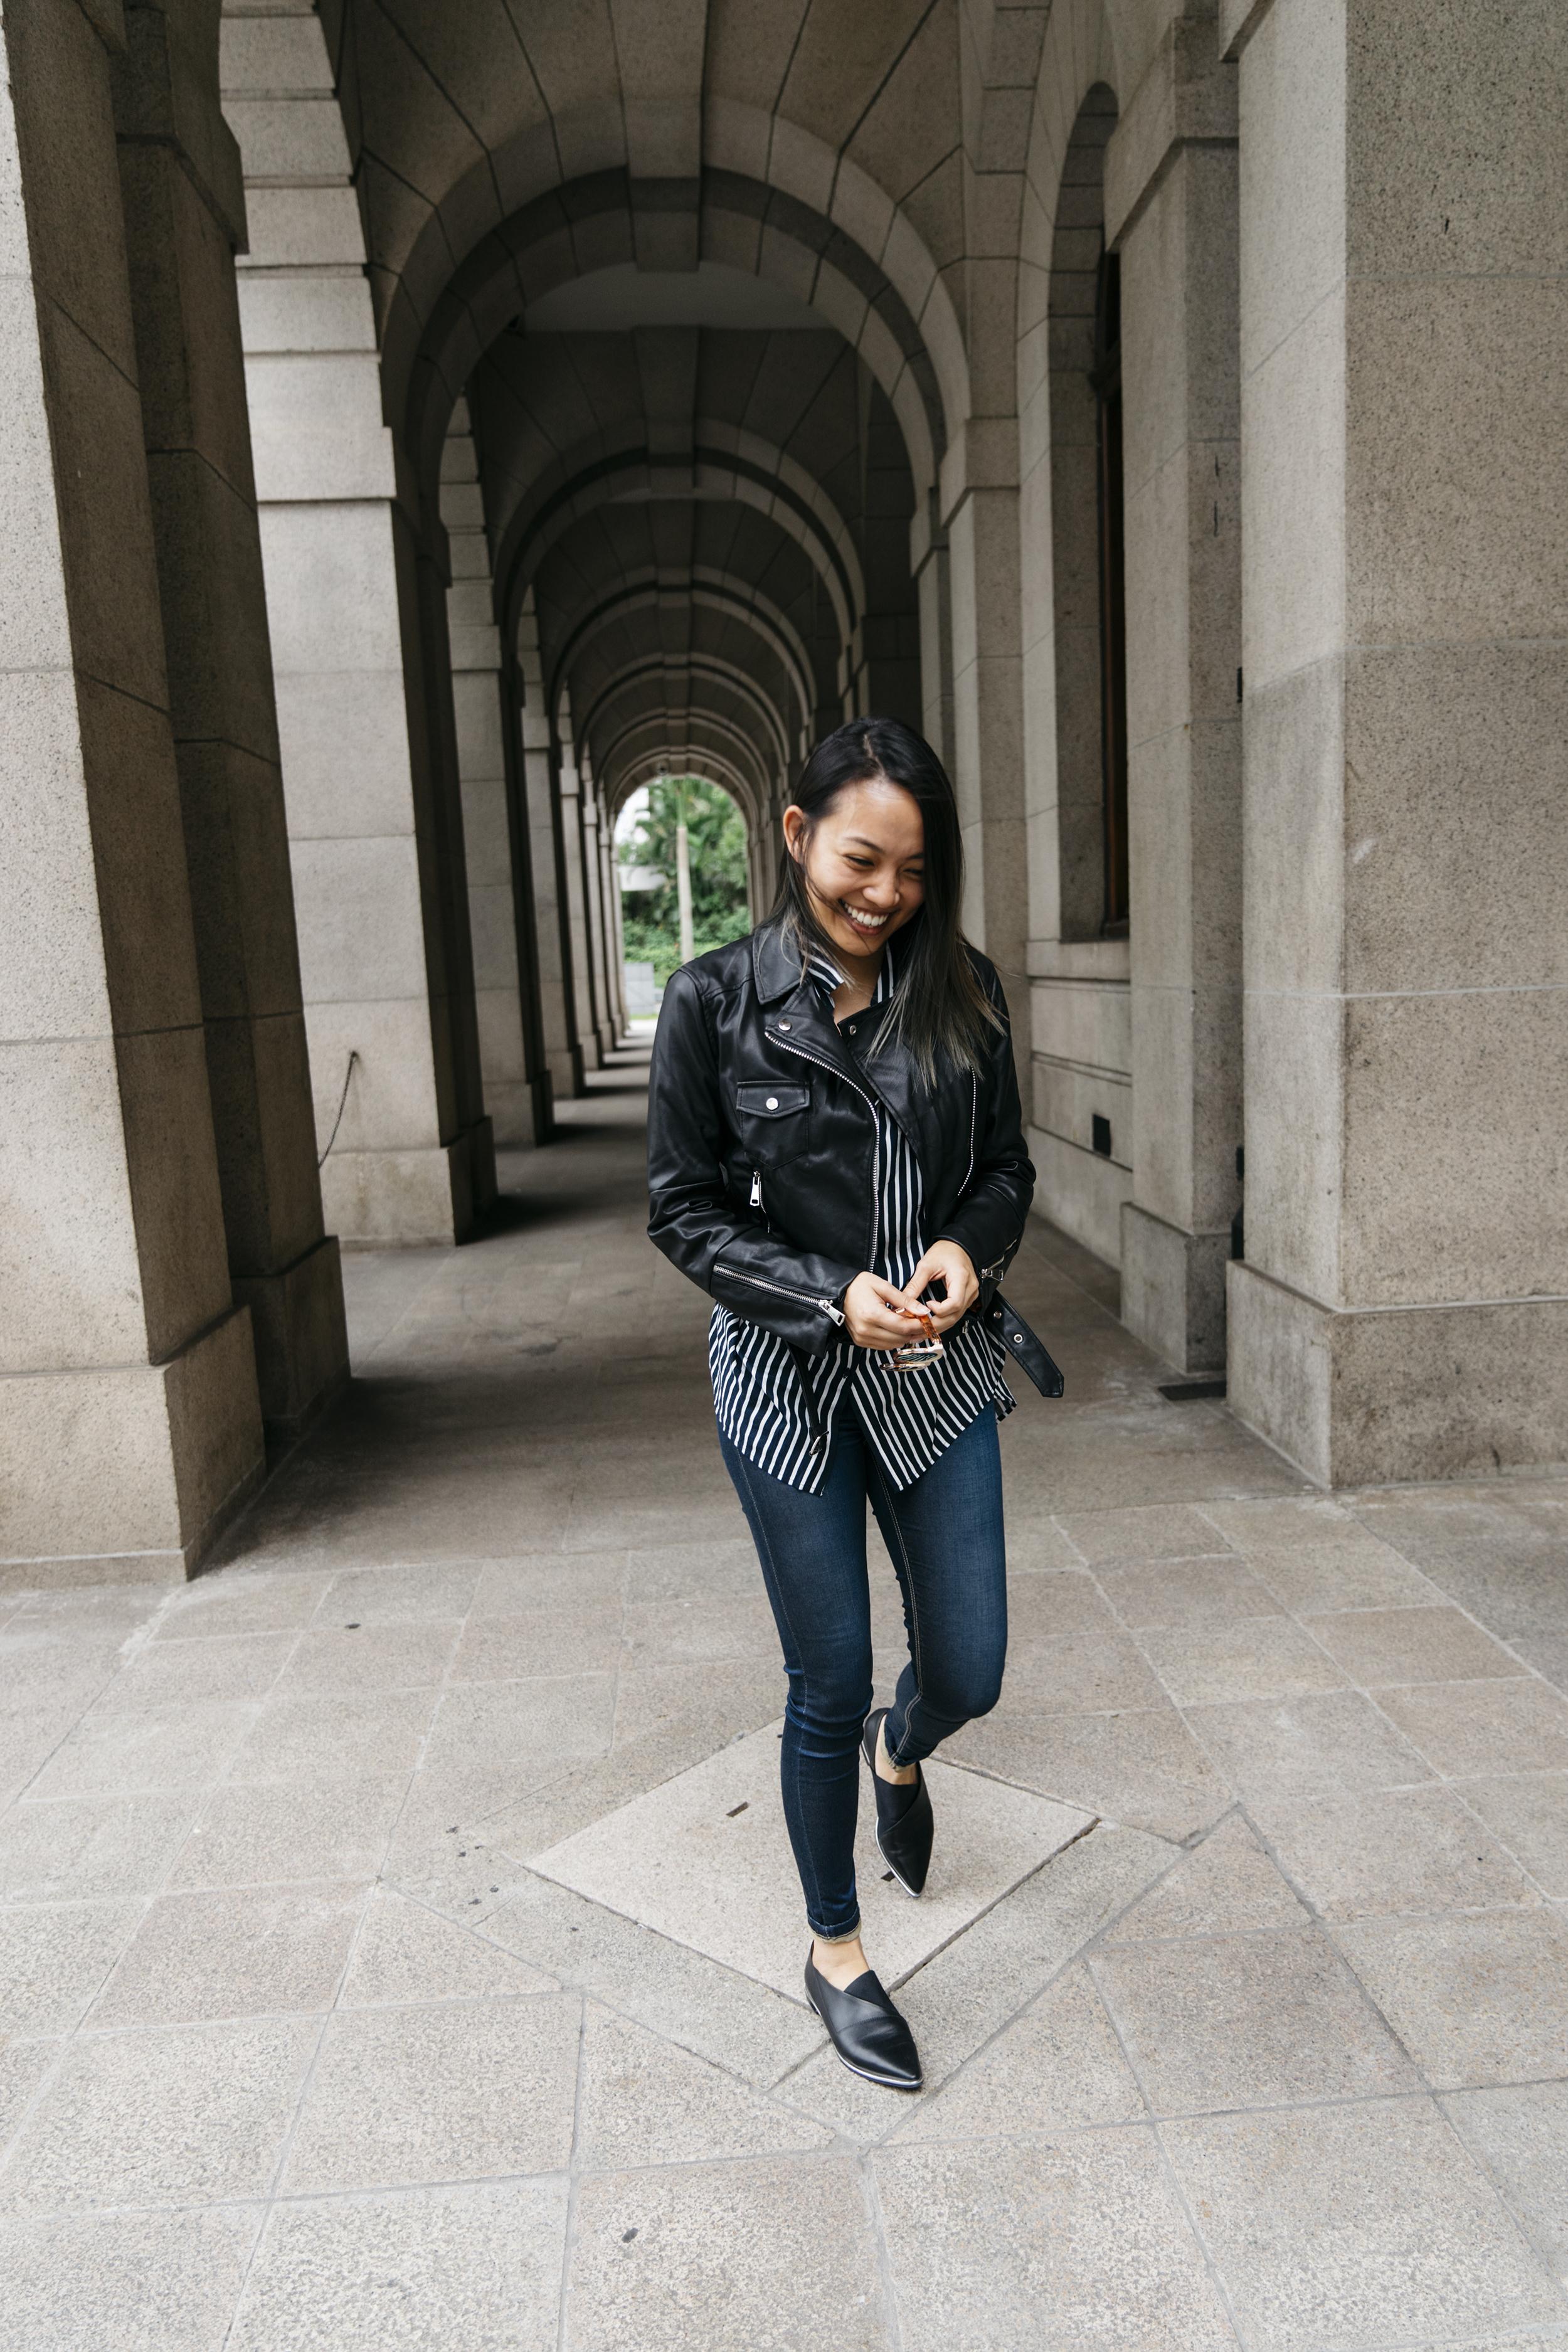 hey-yeh-pomelo-fashion-leather-stripes-03.jpg